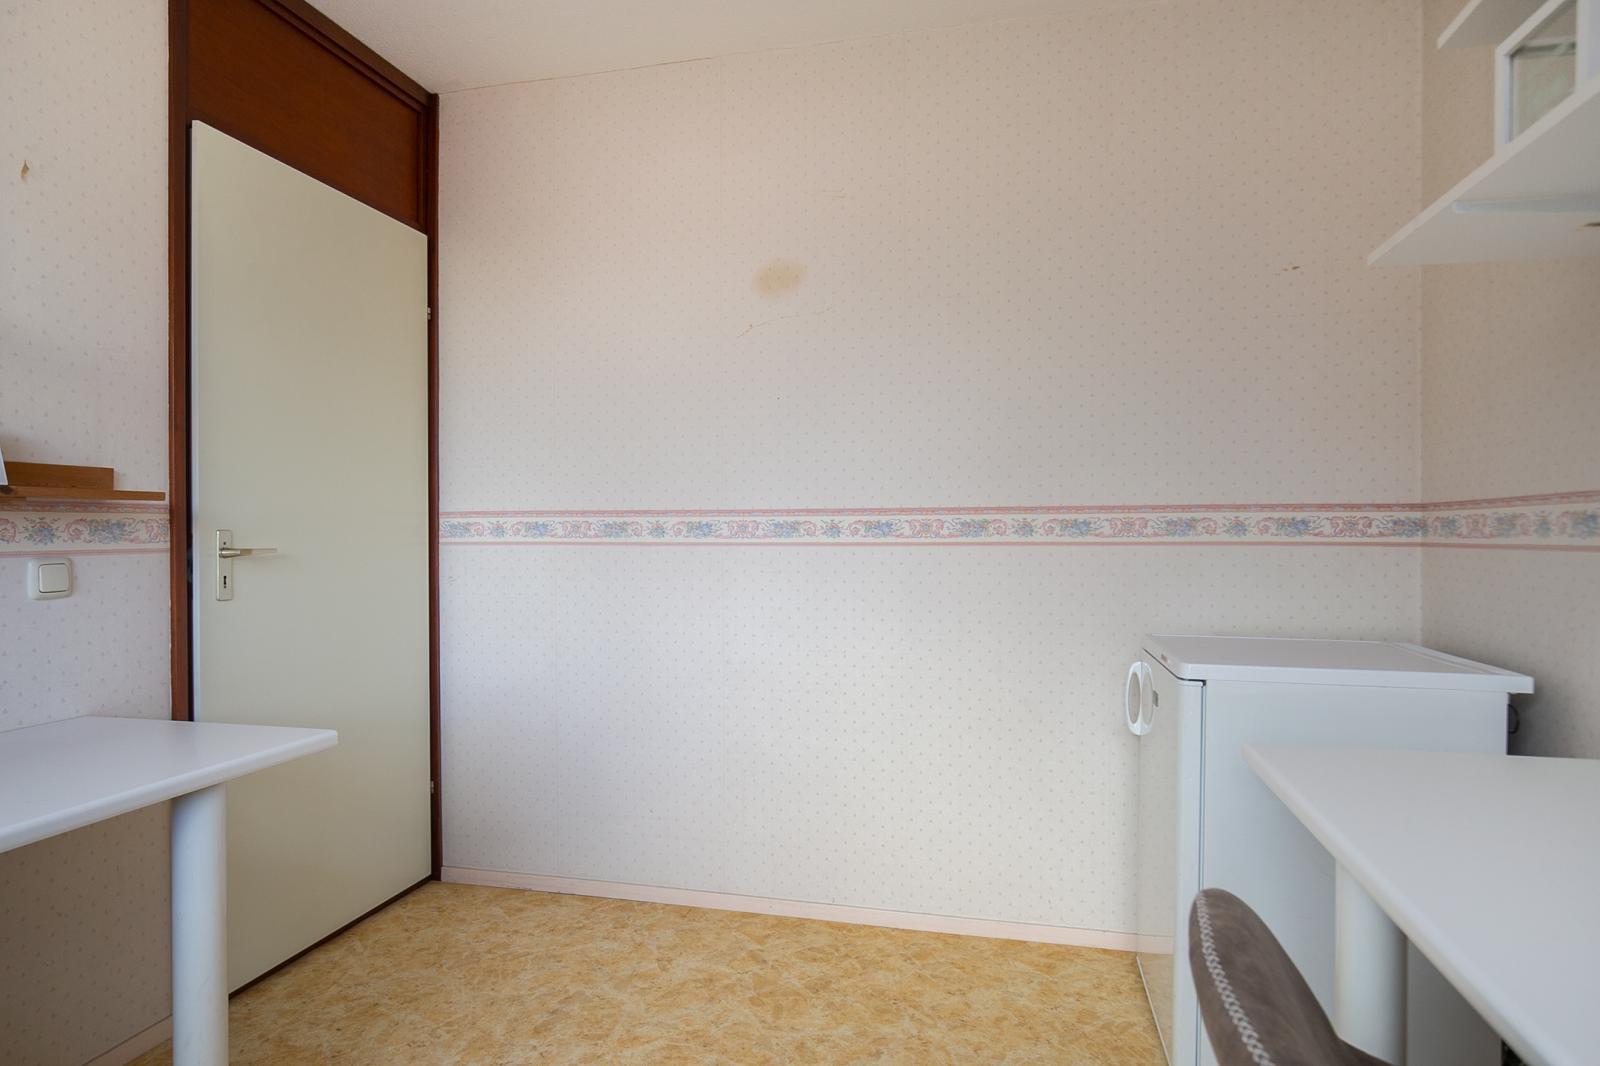 zeino-van-burmaniastrjitte-15-oppenhuizen-1078